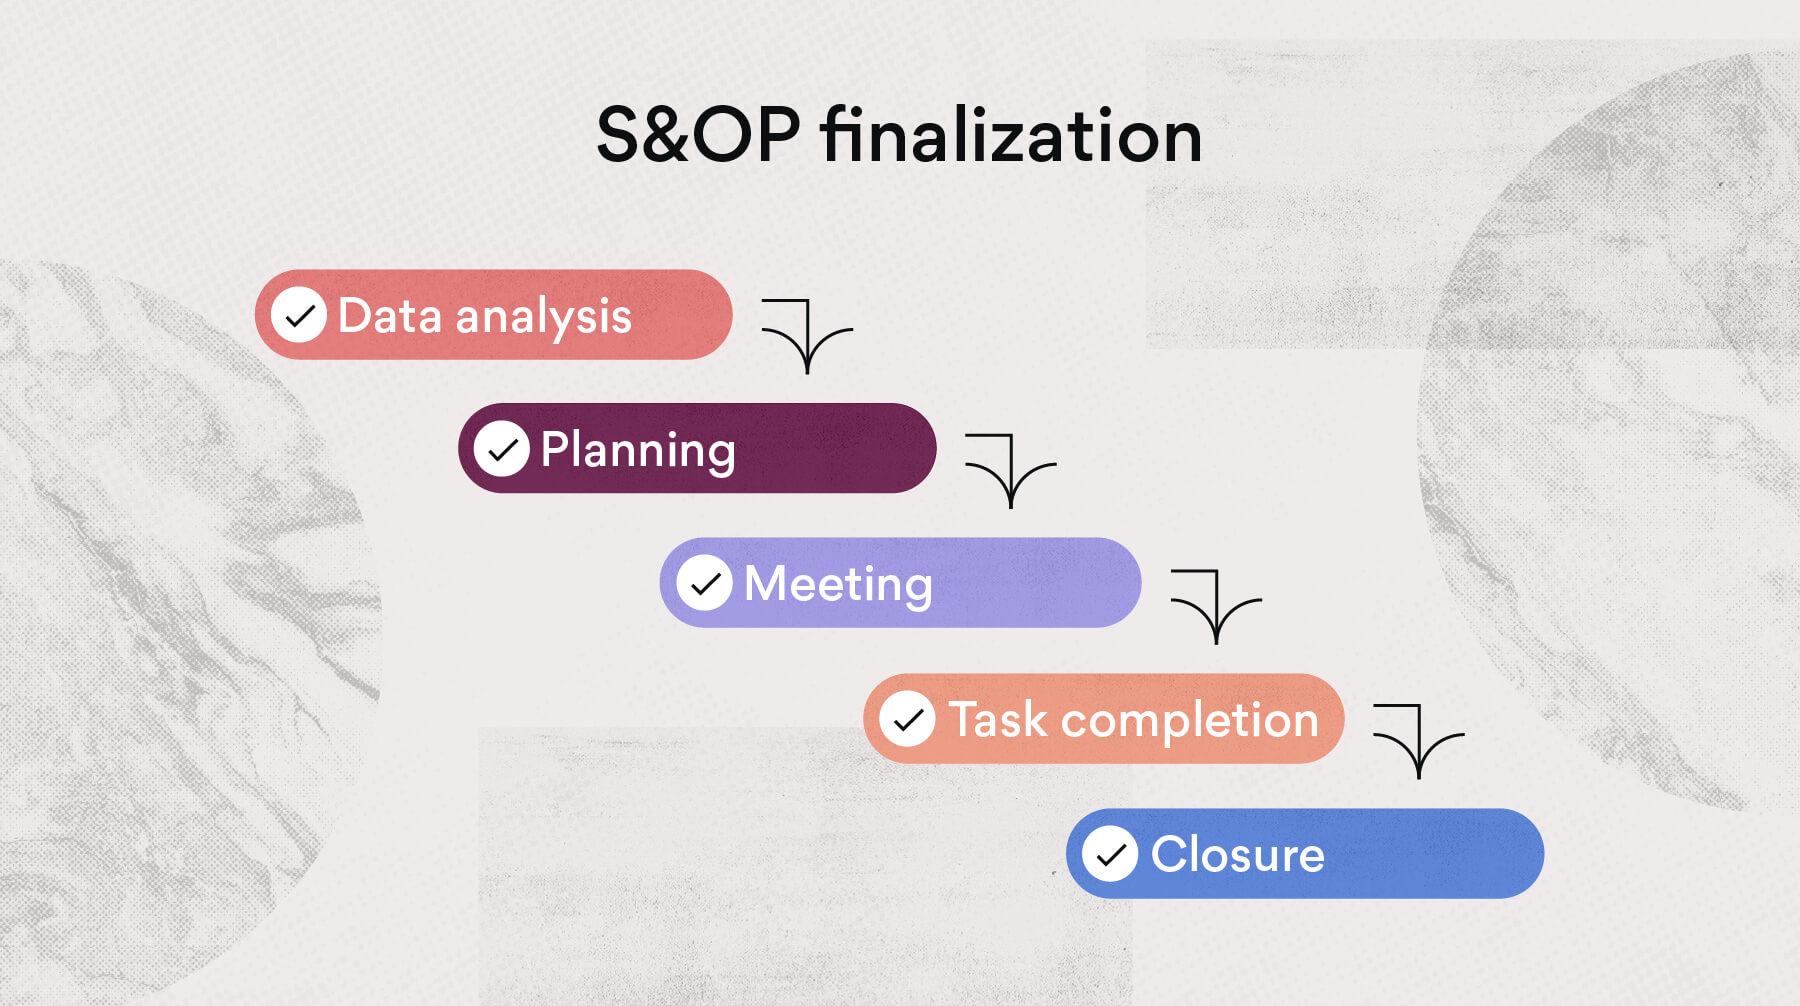 S&OP finalization